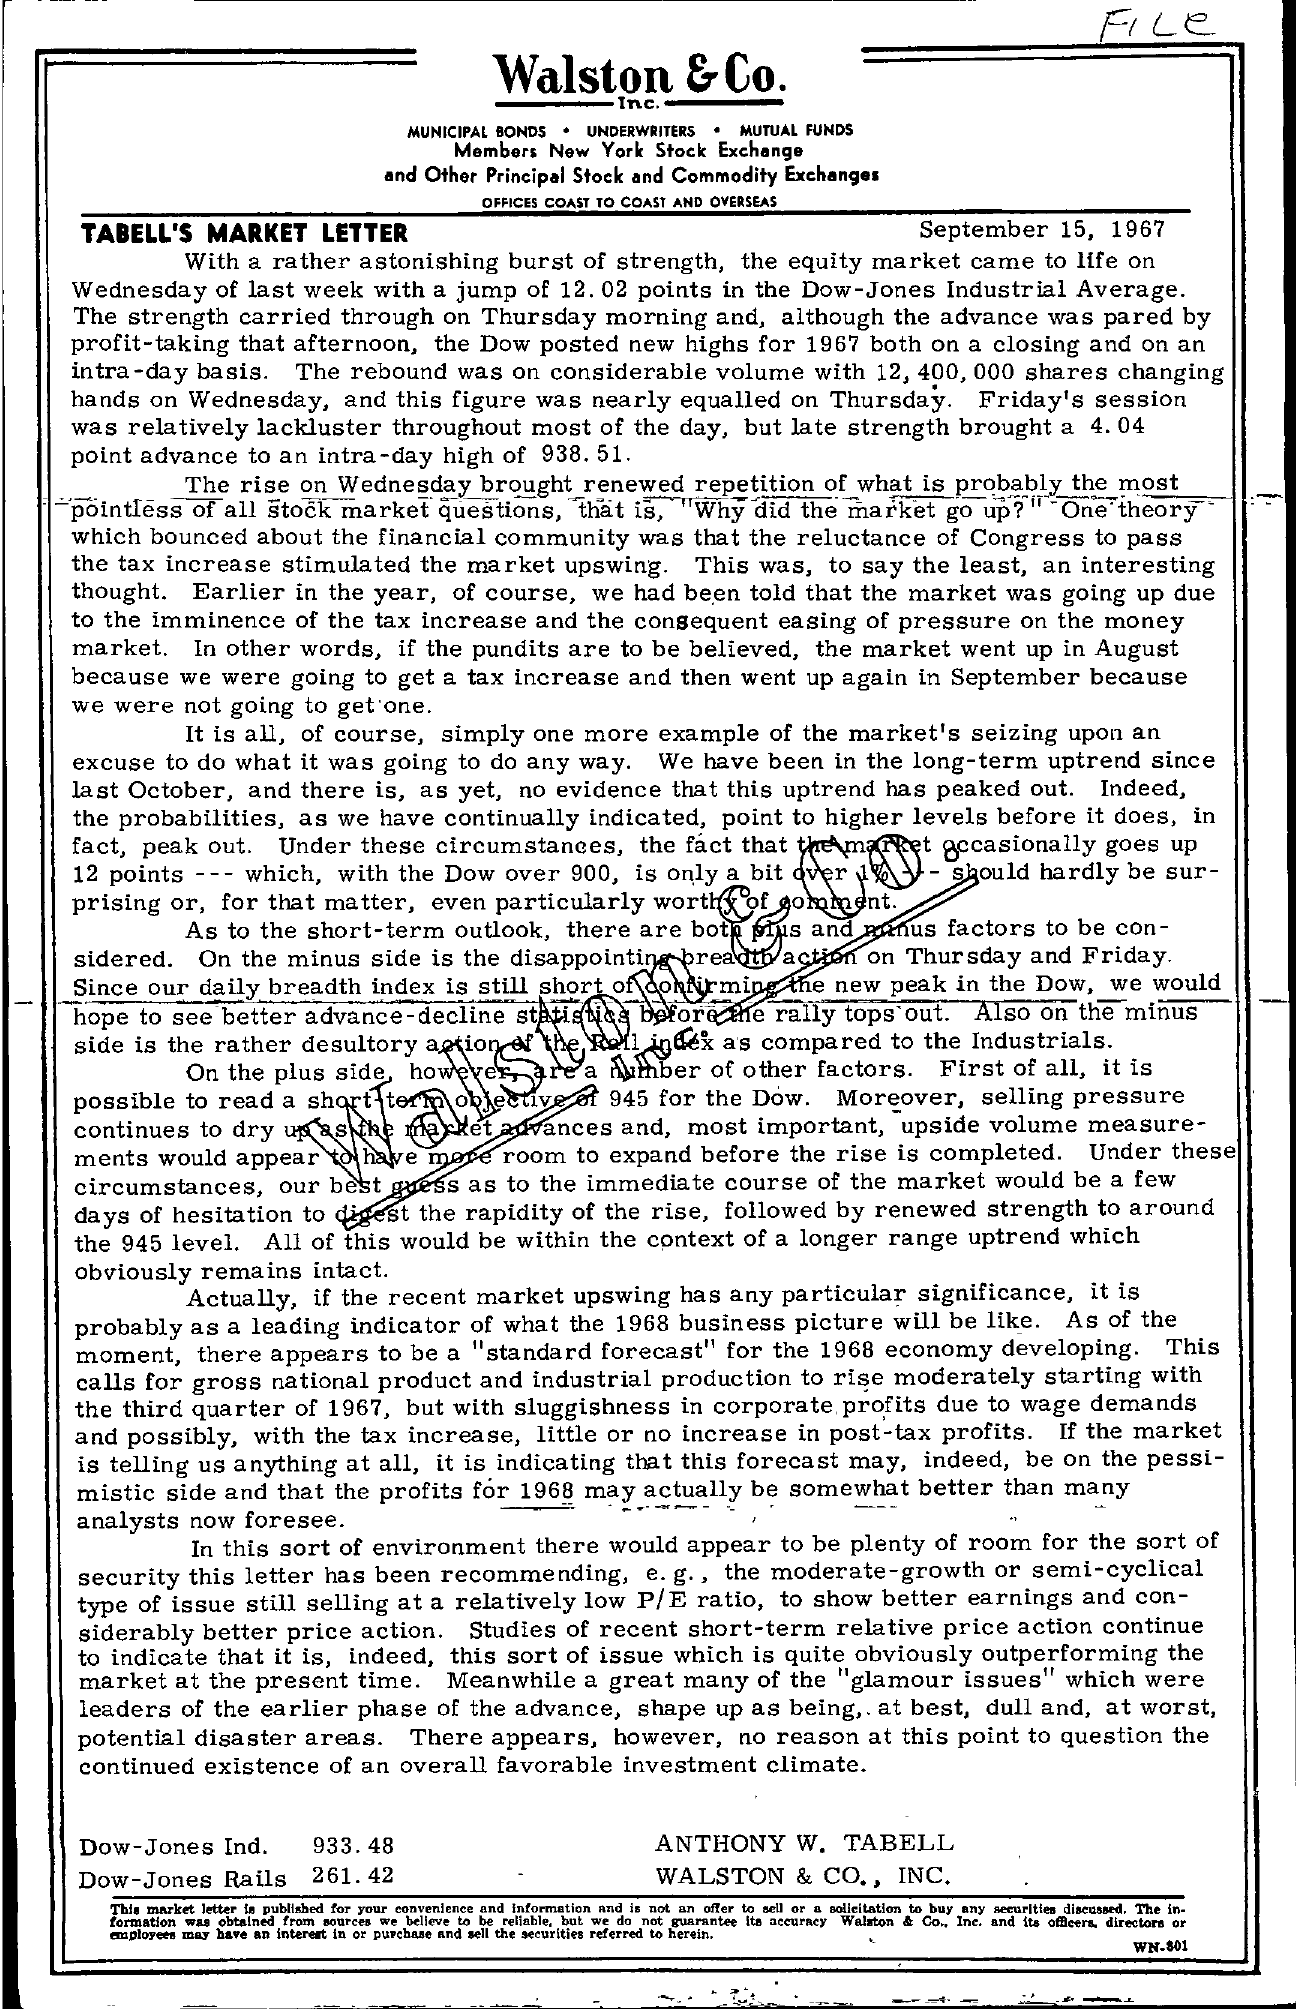 Tabell's Market Letter - September 15, 1967